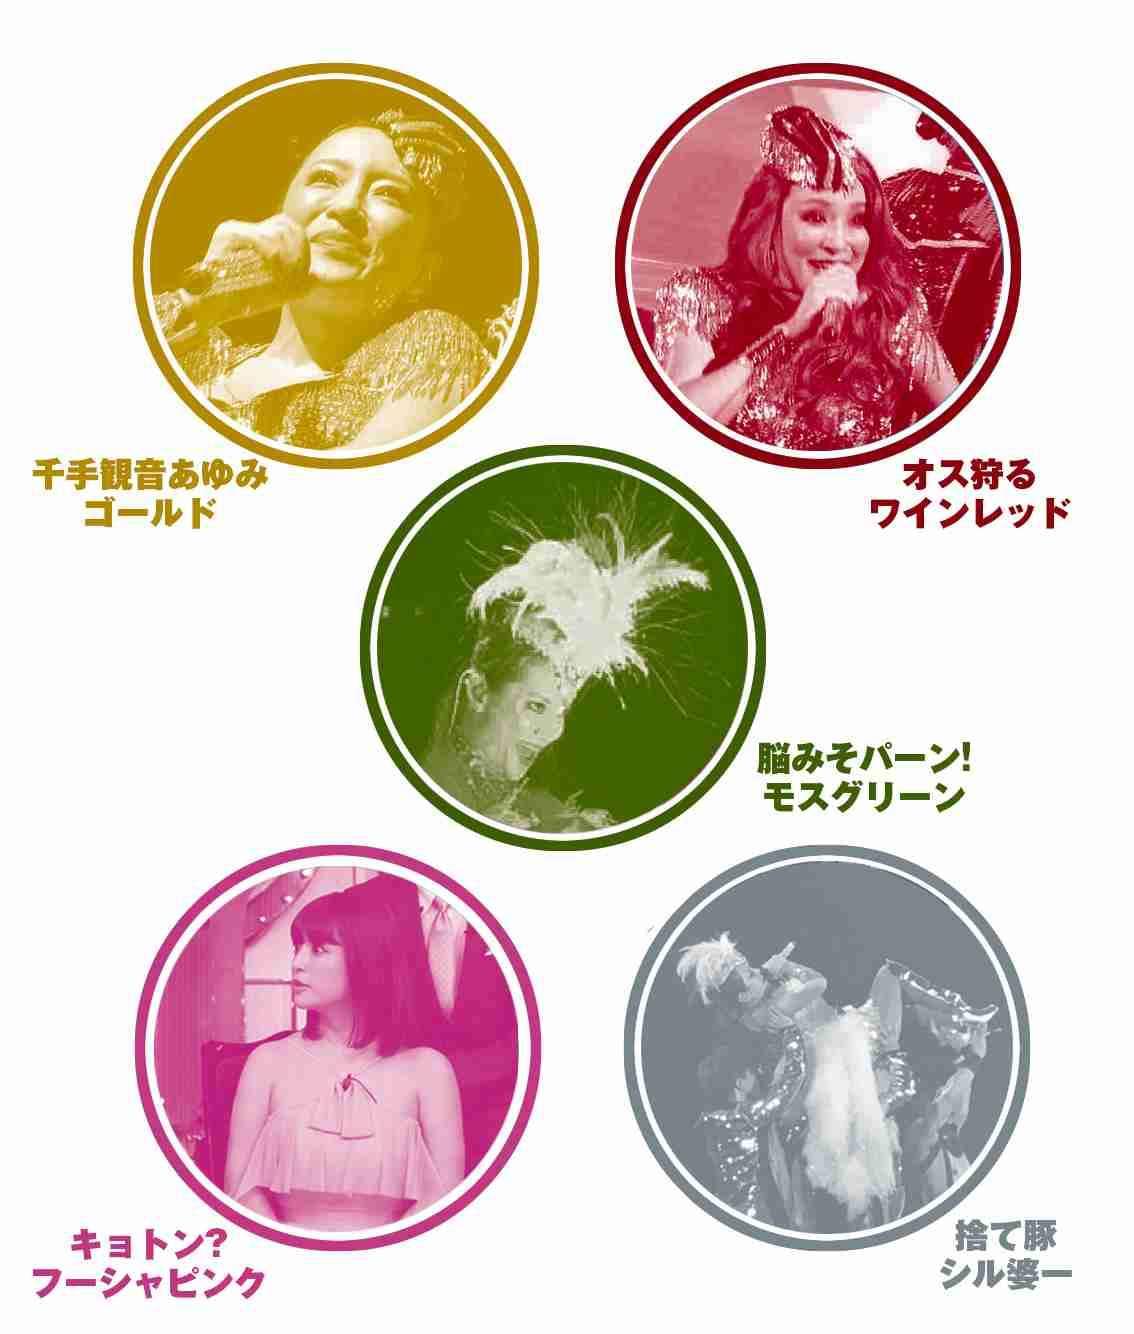 浜崎あゆみが第2全盛期を起こすためには。